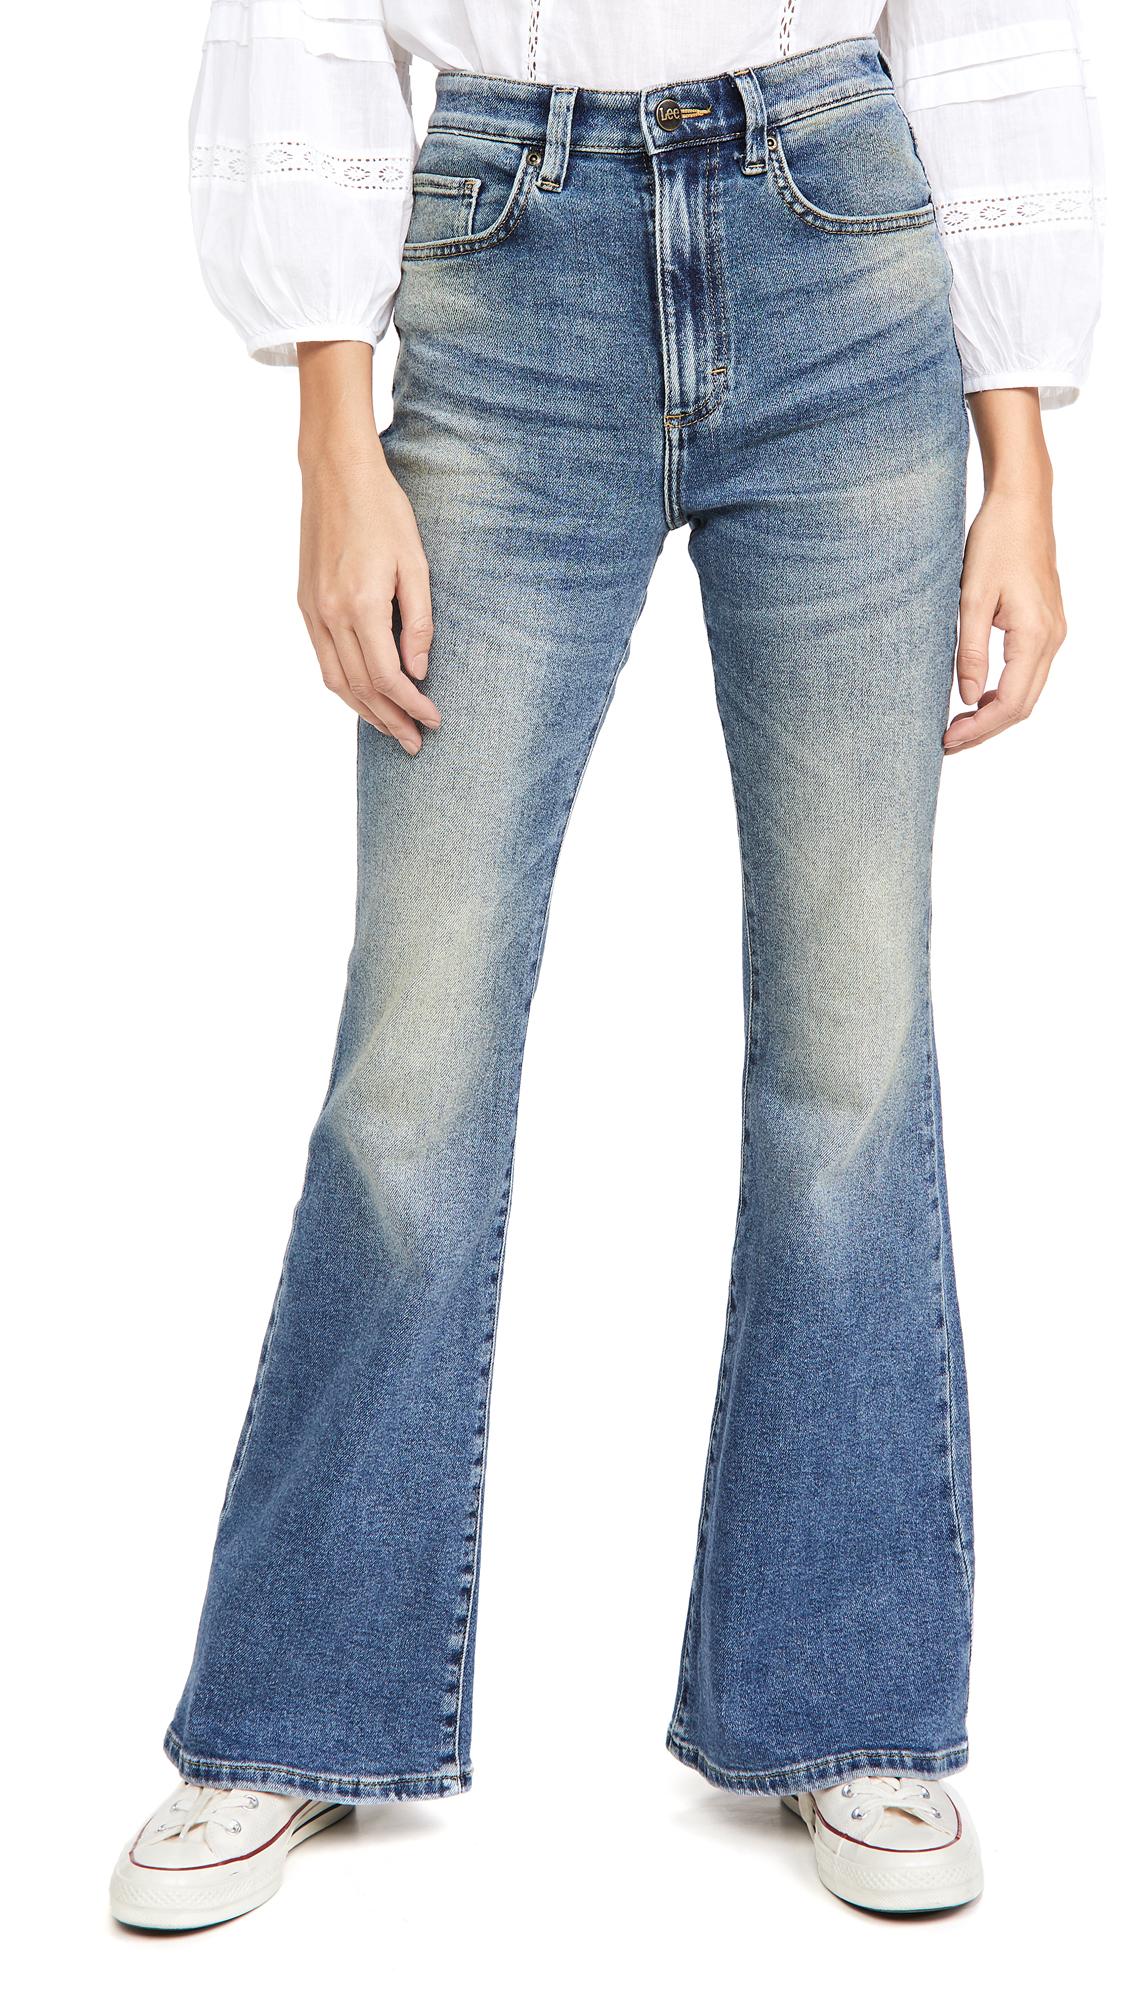 Lee Vintage Modern High Rise Flare Jeans